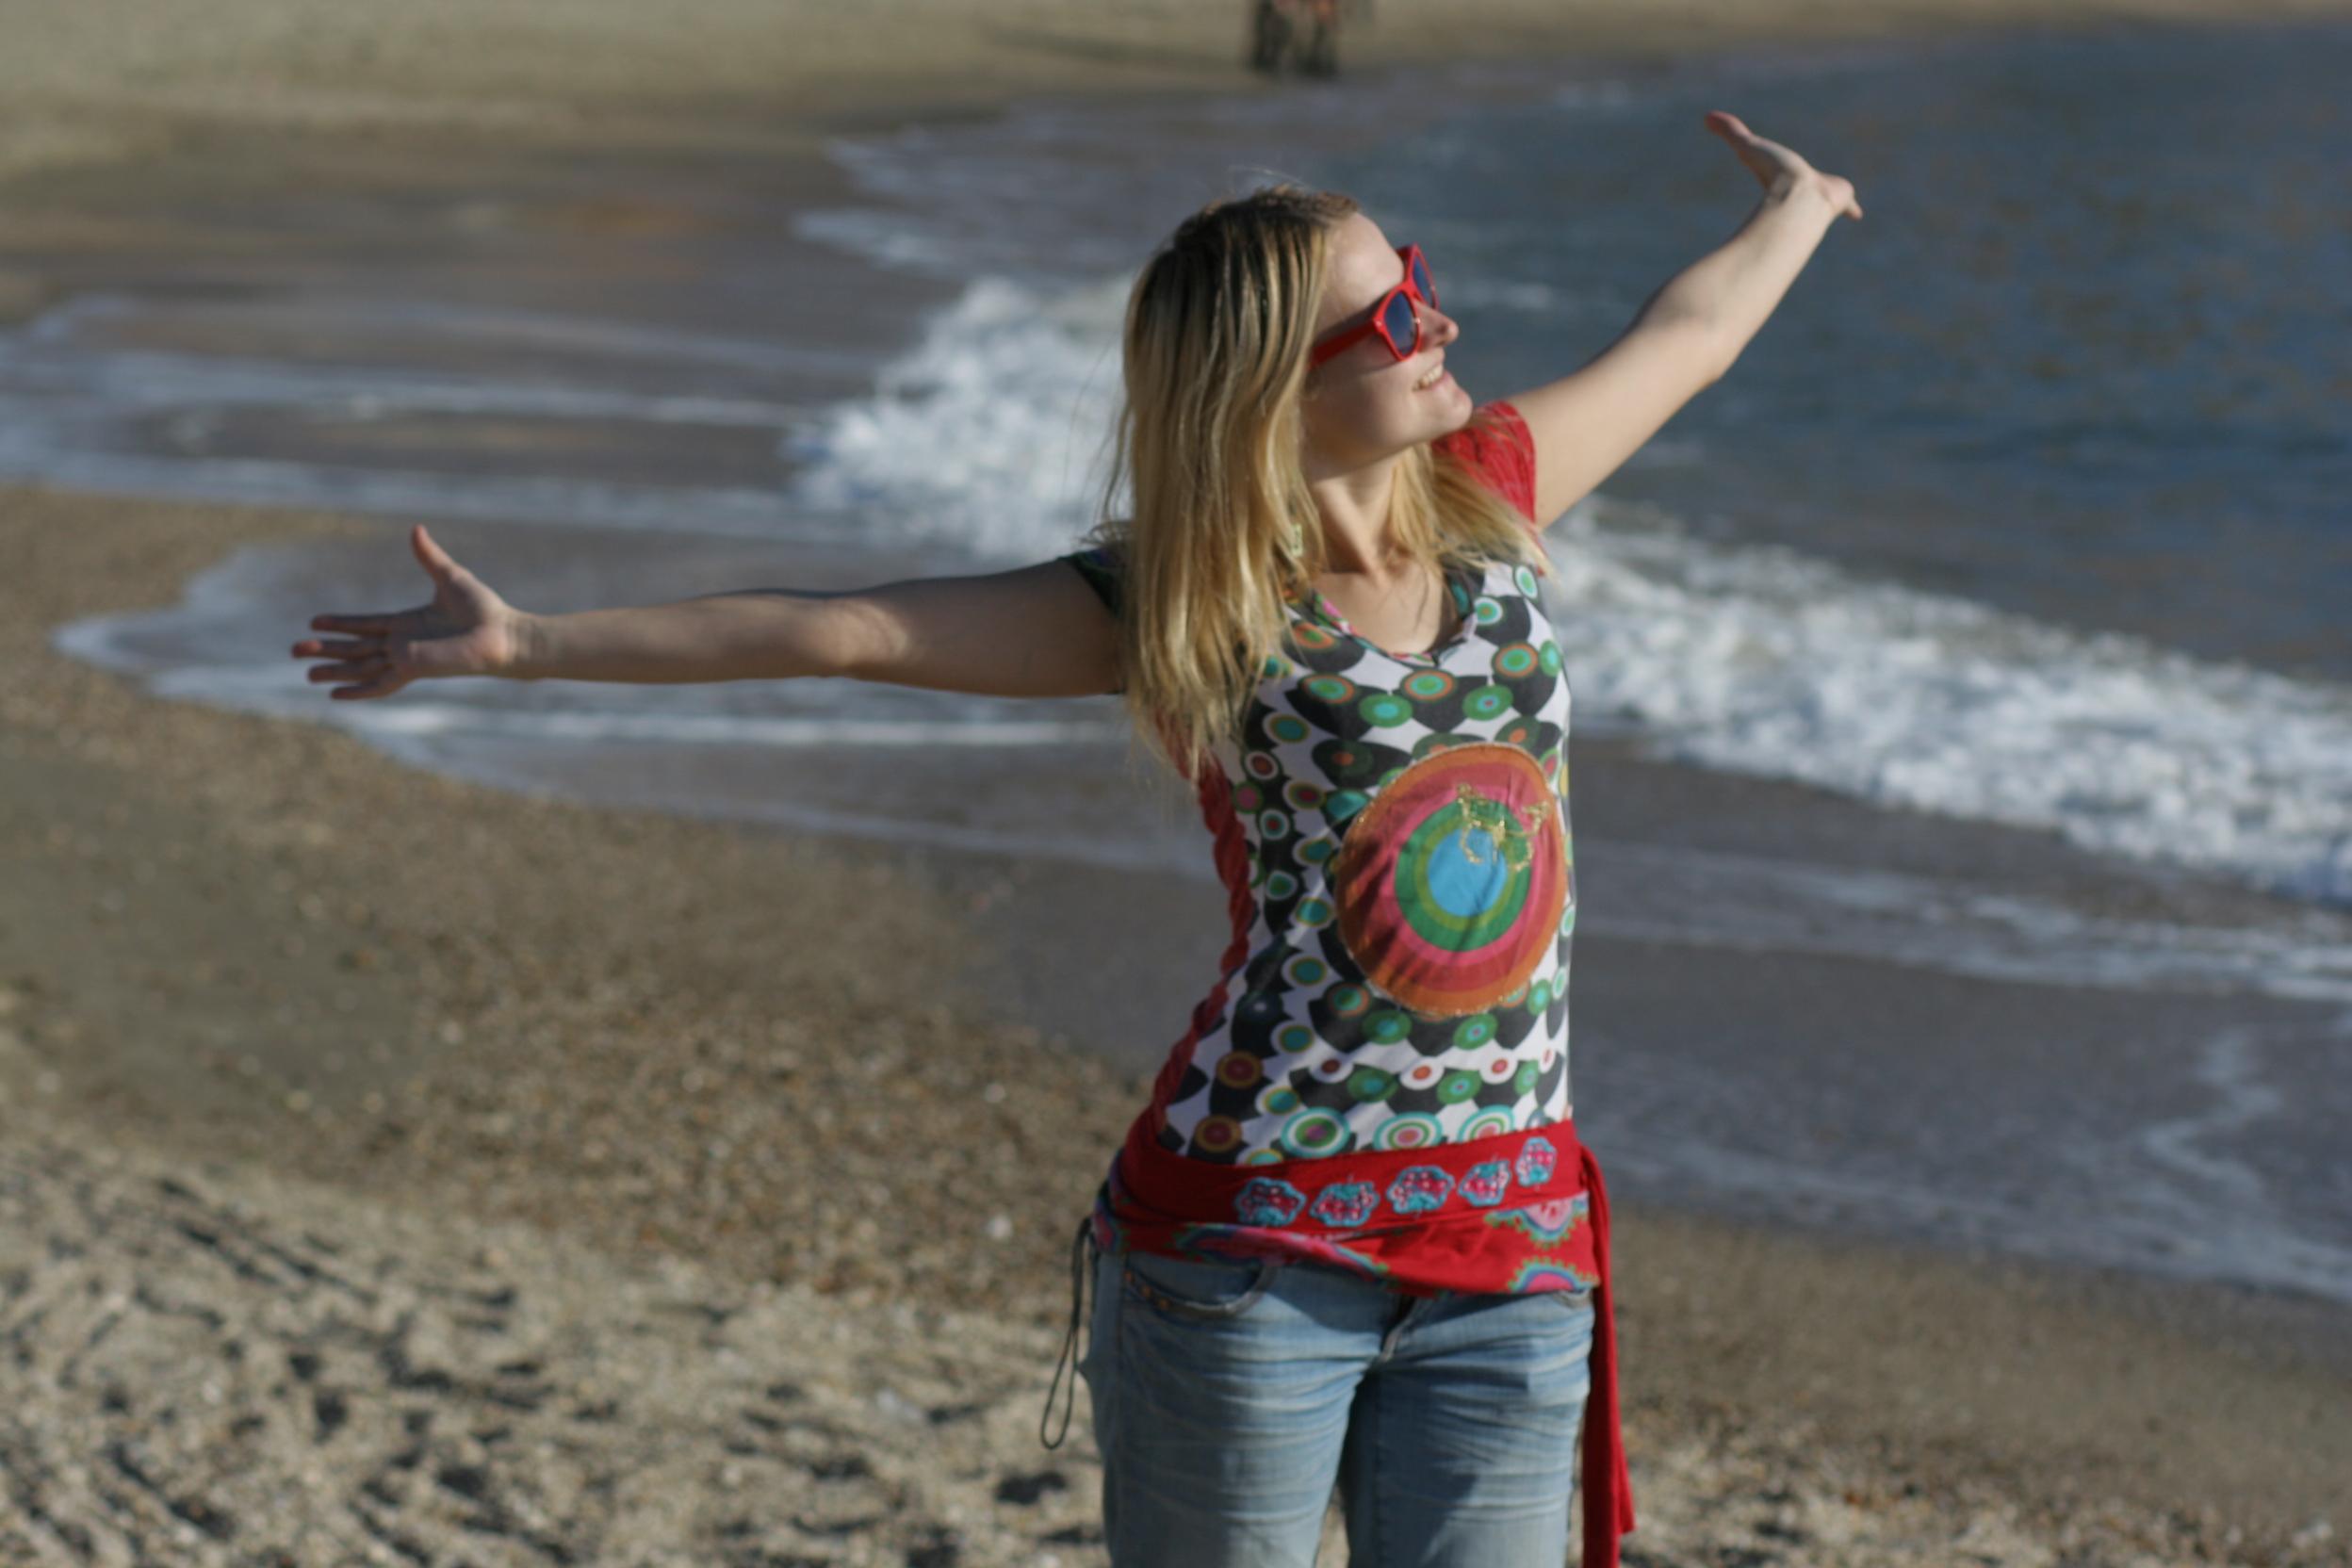 Vykročení z komfortní zóny, aneb moje cesta na pláž…